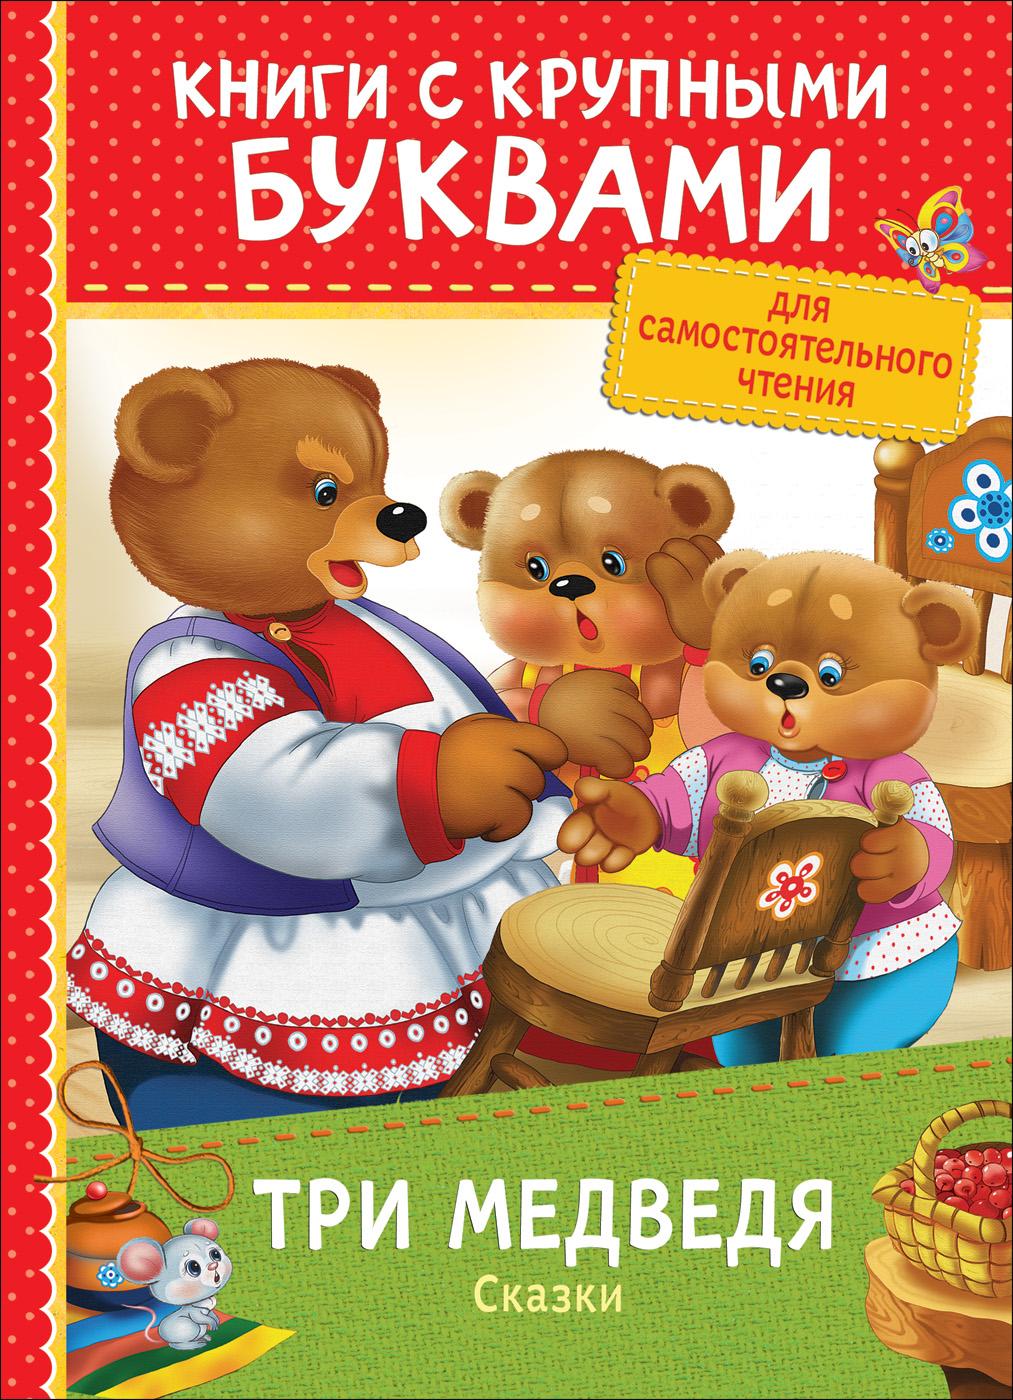 Толстой Л.Н. Три медведя. Сказки литвинова м худож три медведя русские сказки